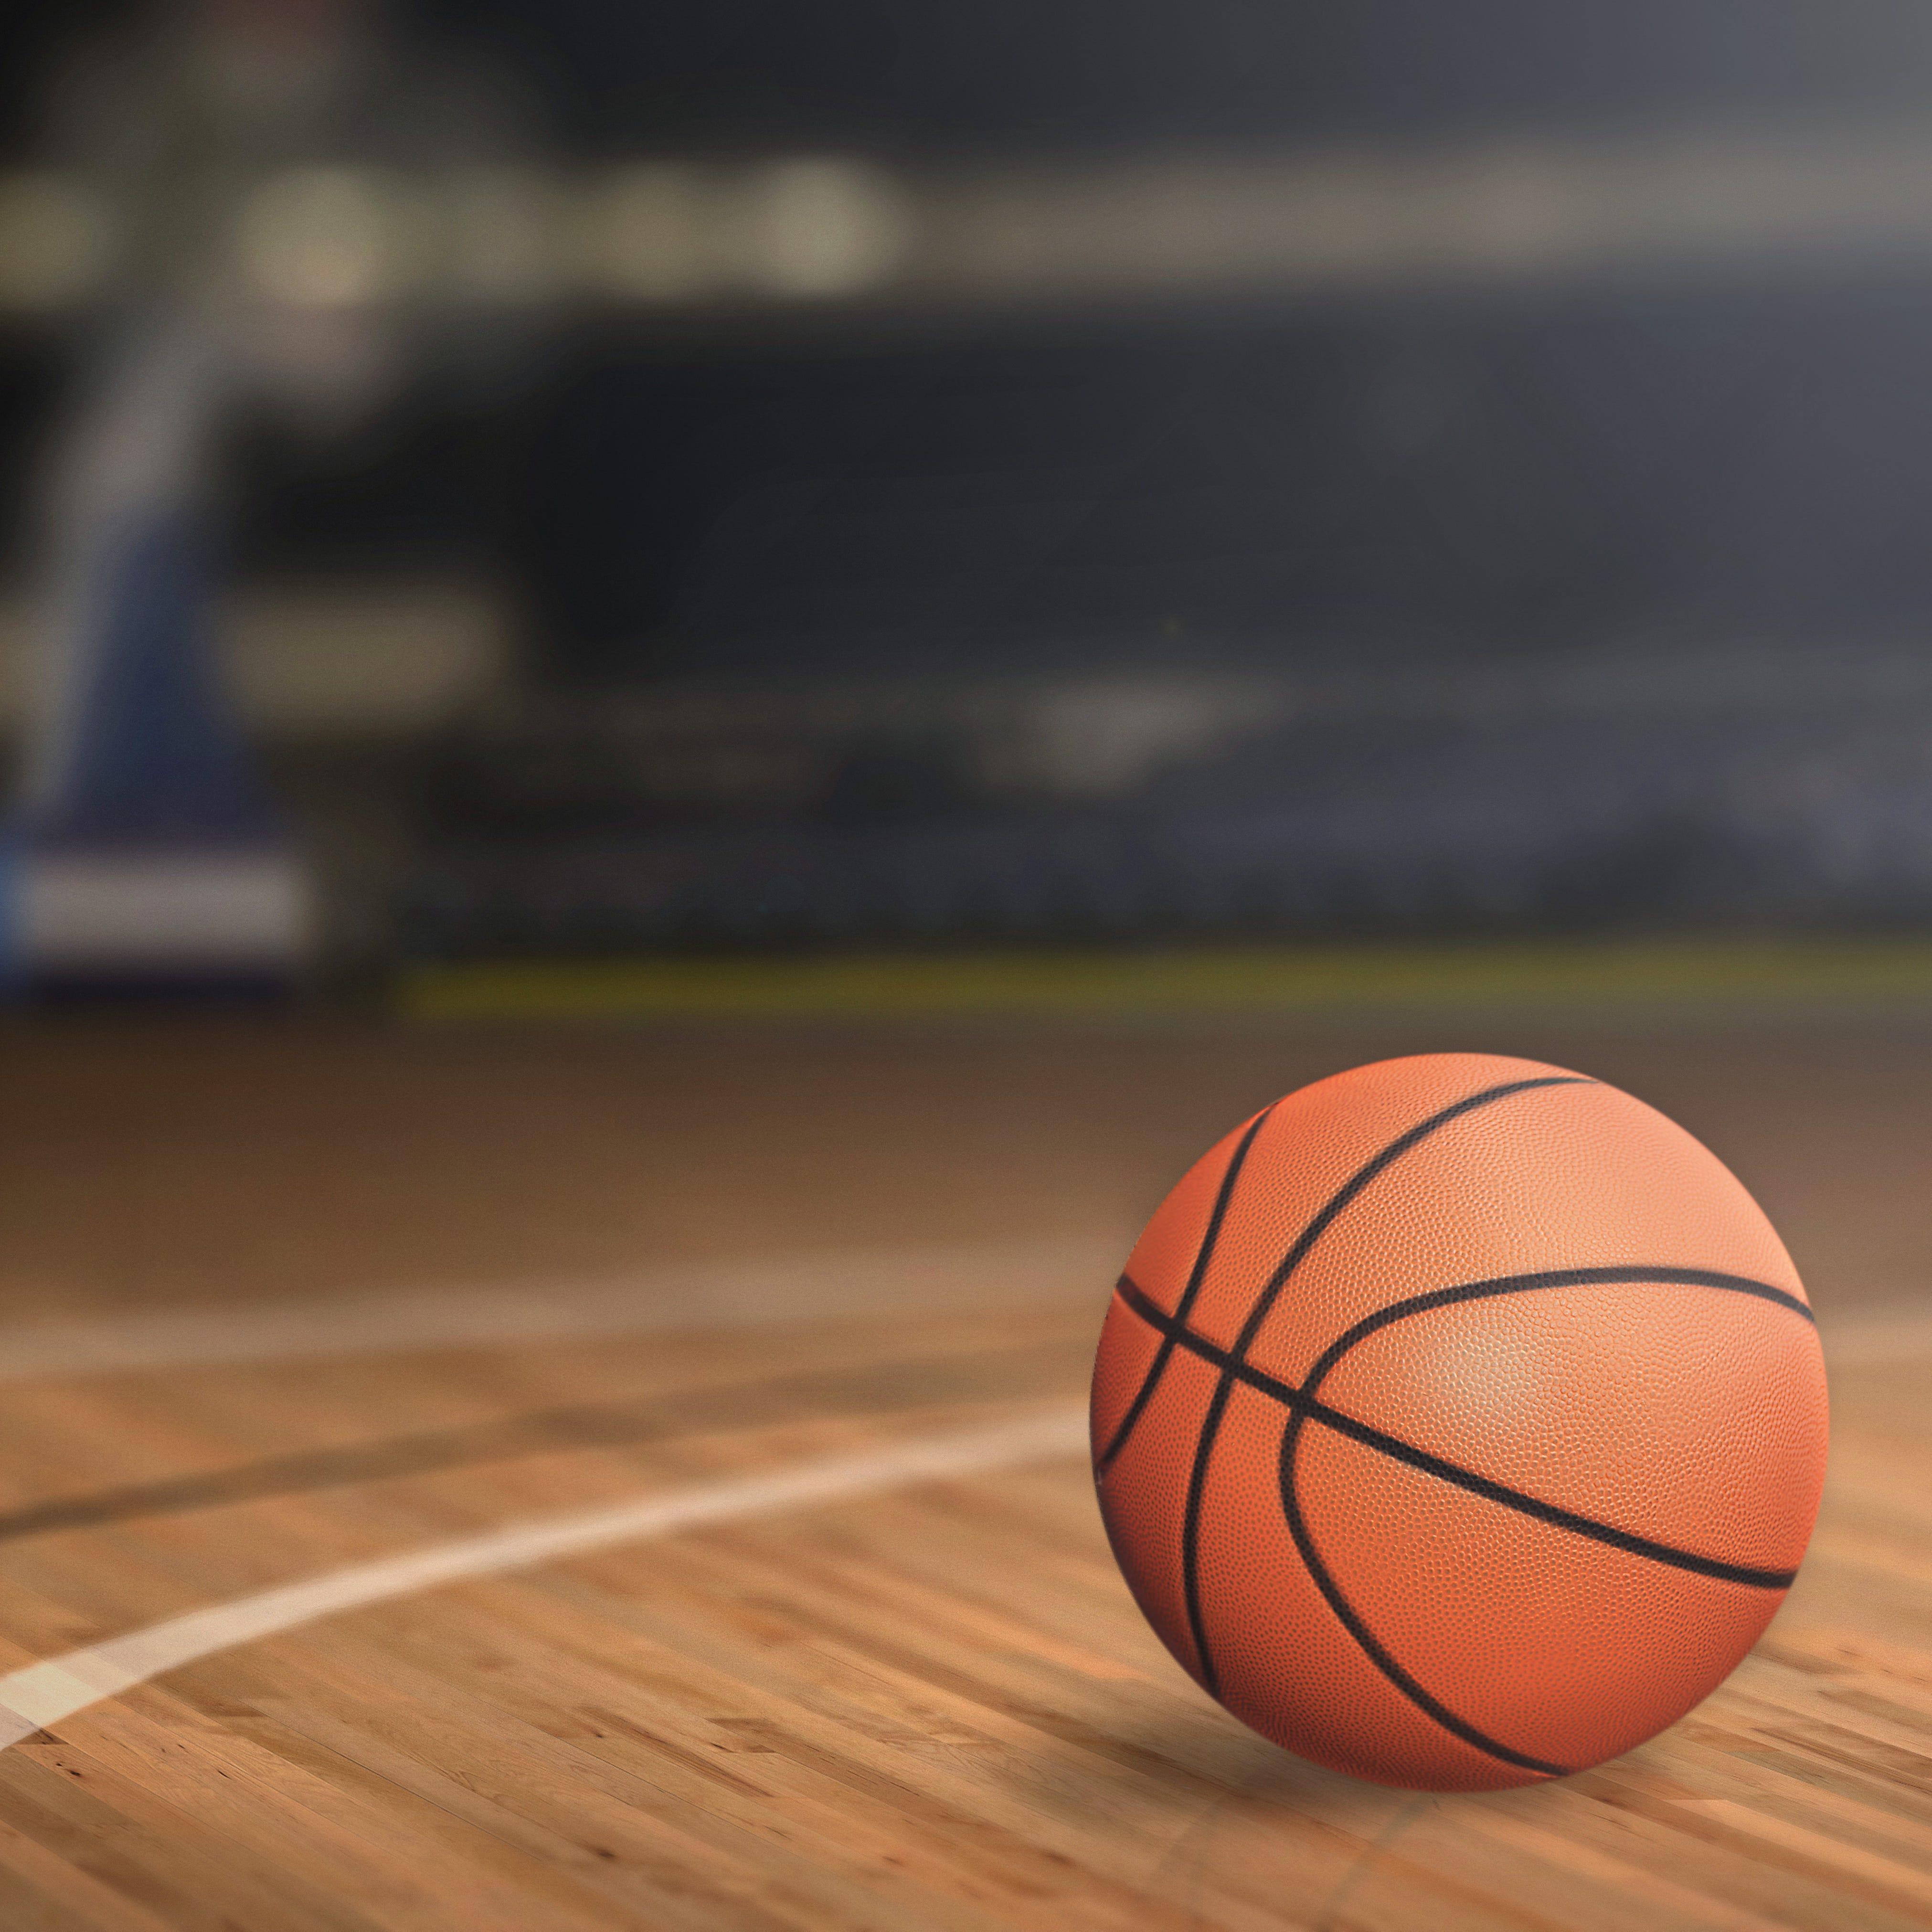 Renaissance basketball coach's firing halted, emergency hearing set